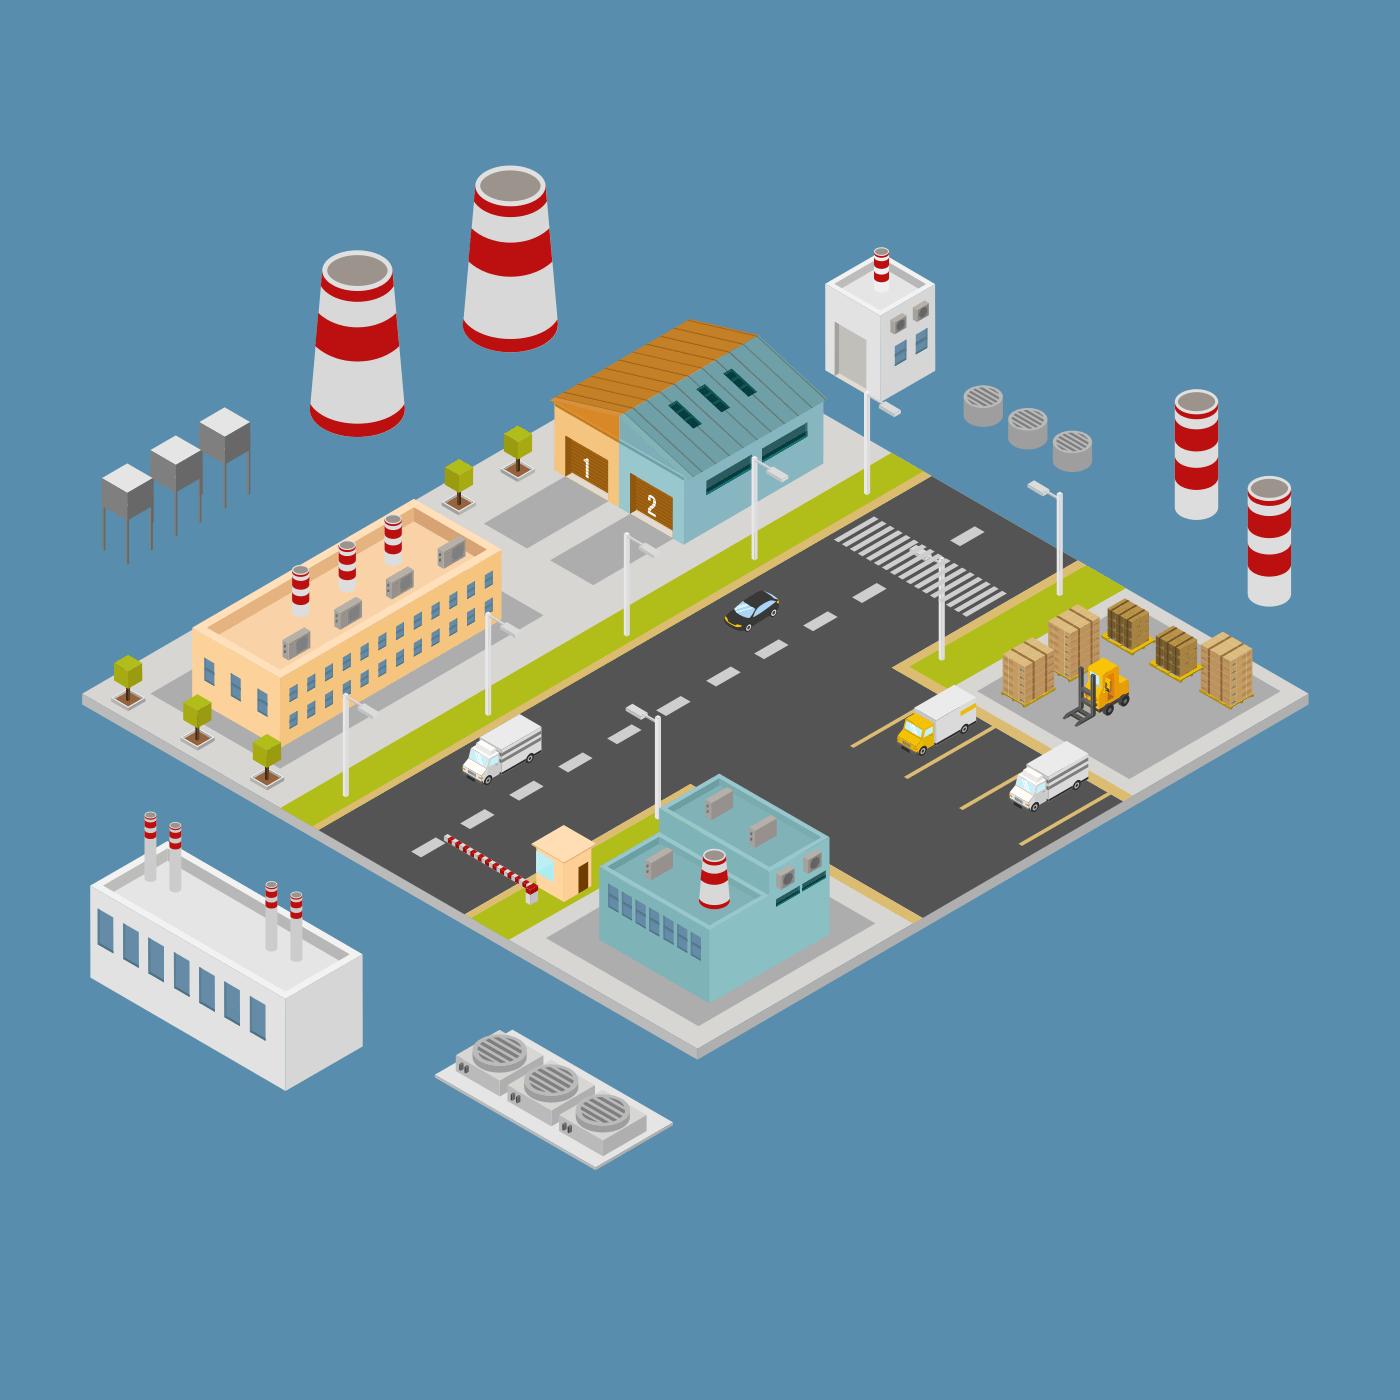 tipos de almacenes de mantenimiento: centralizados, descentralizados y departamentales